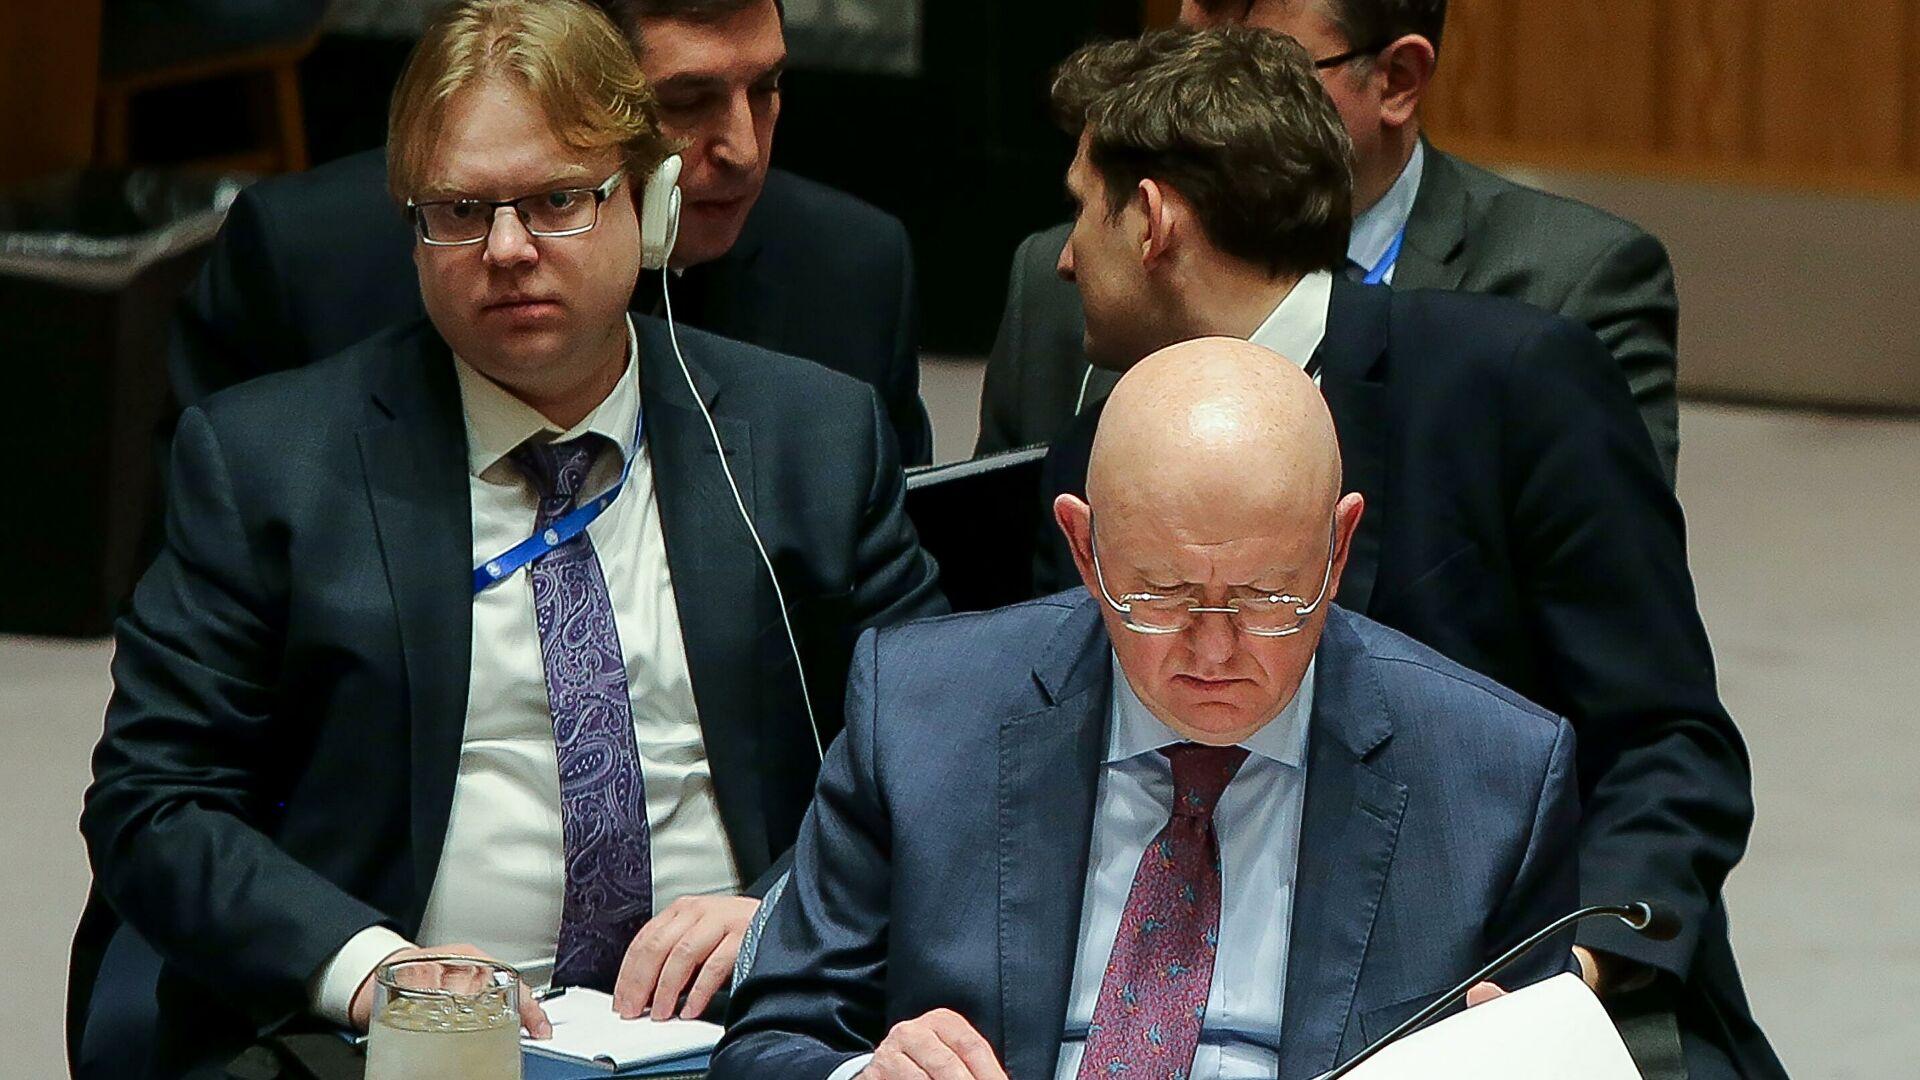 Nebenzja: Rusija zainteresovana za produženje START-a, a ako se to ne dogodi, naći će se efikasni načini zaštite